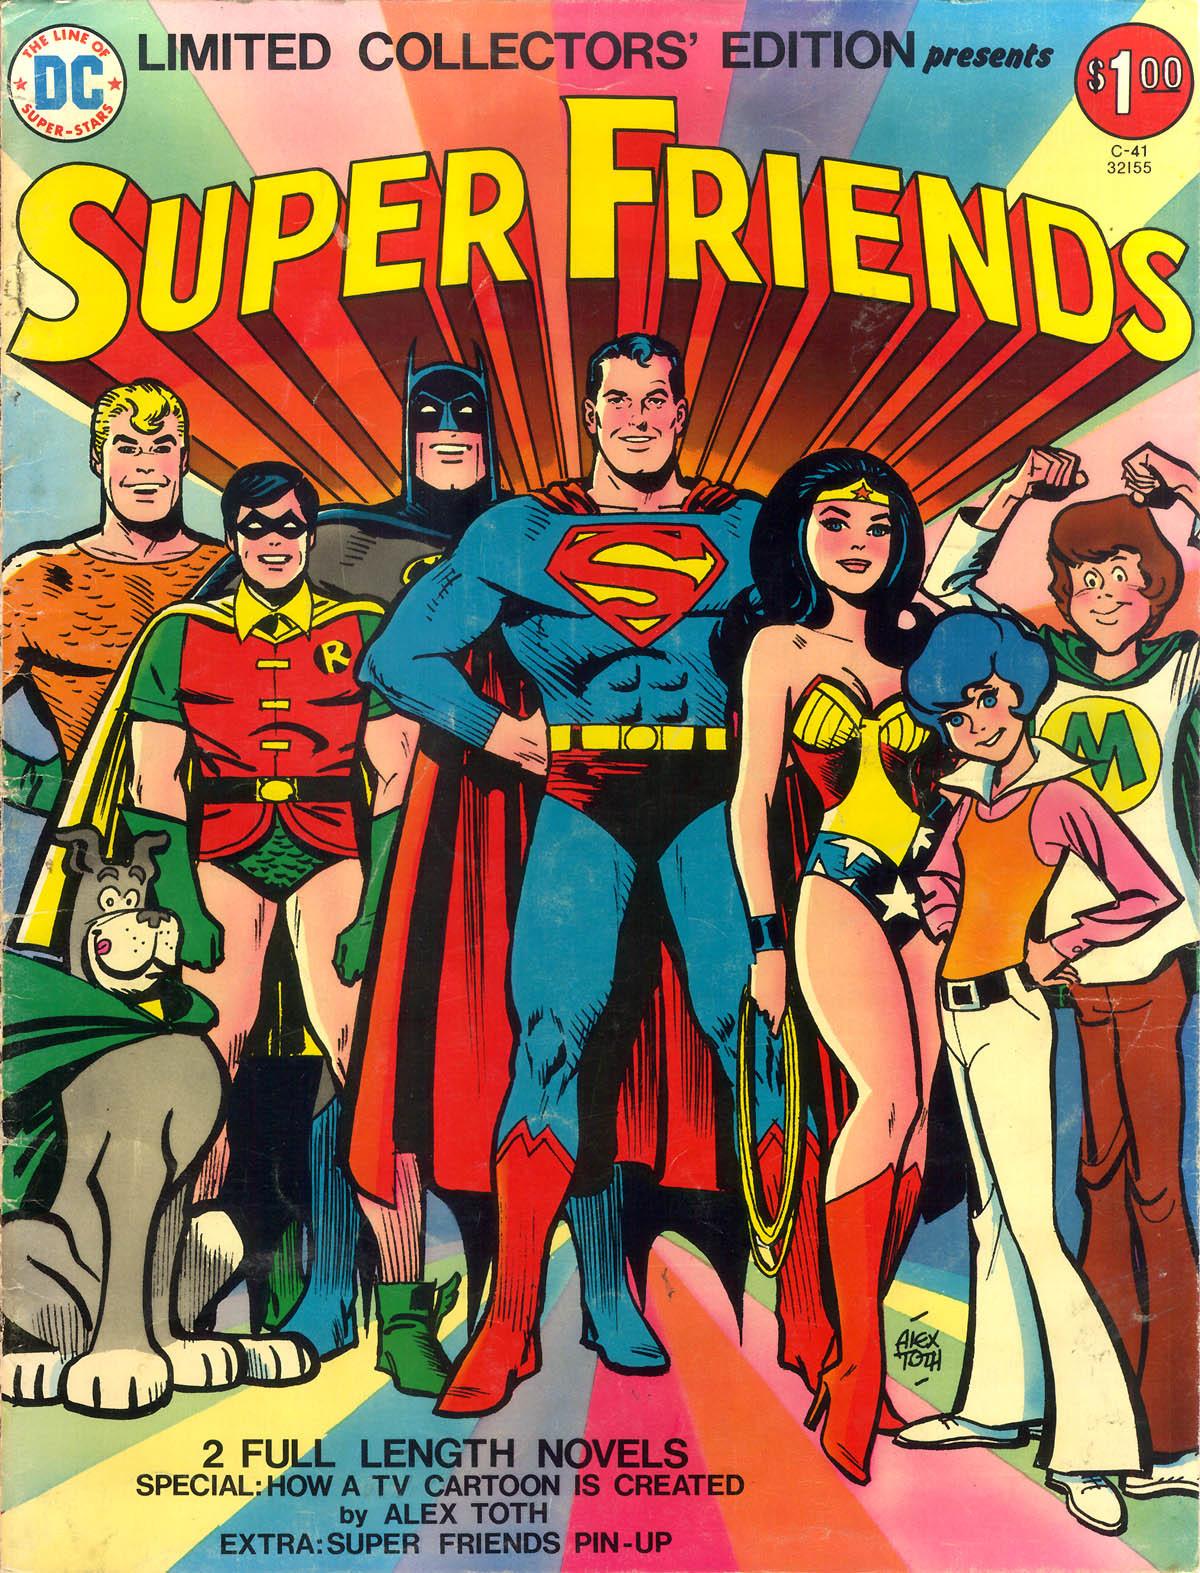 Super Friends cover by Alex Toth, 1975